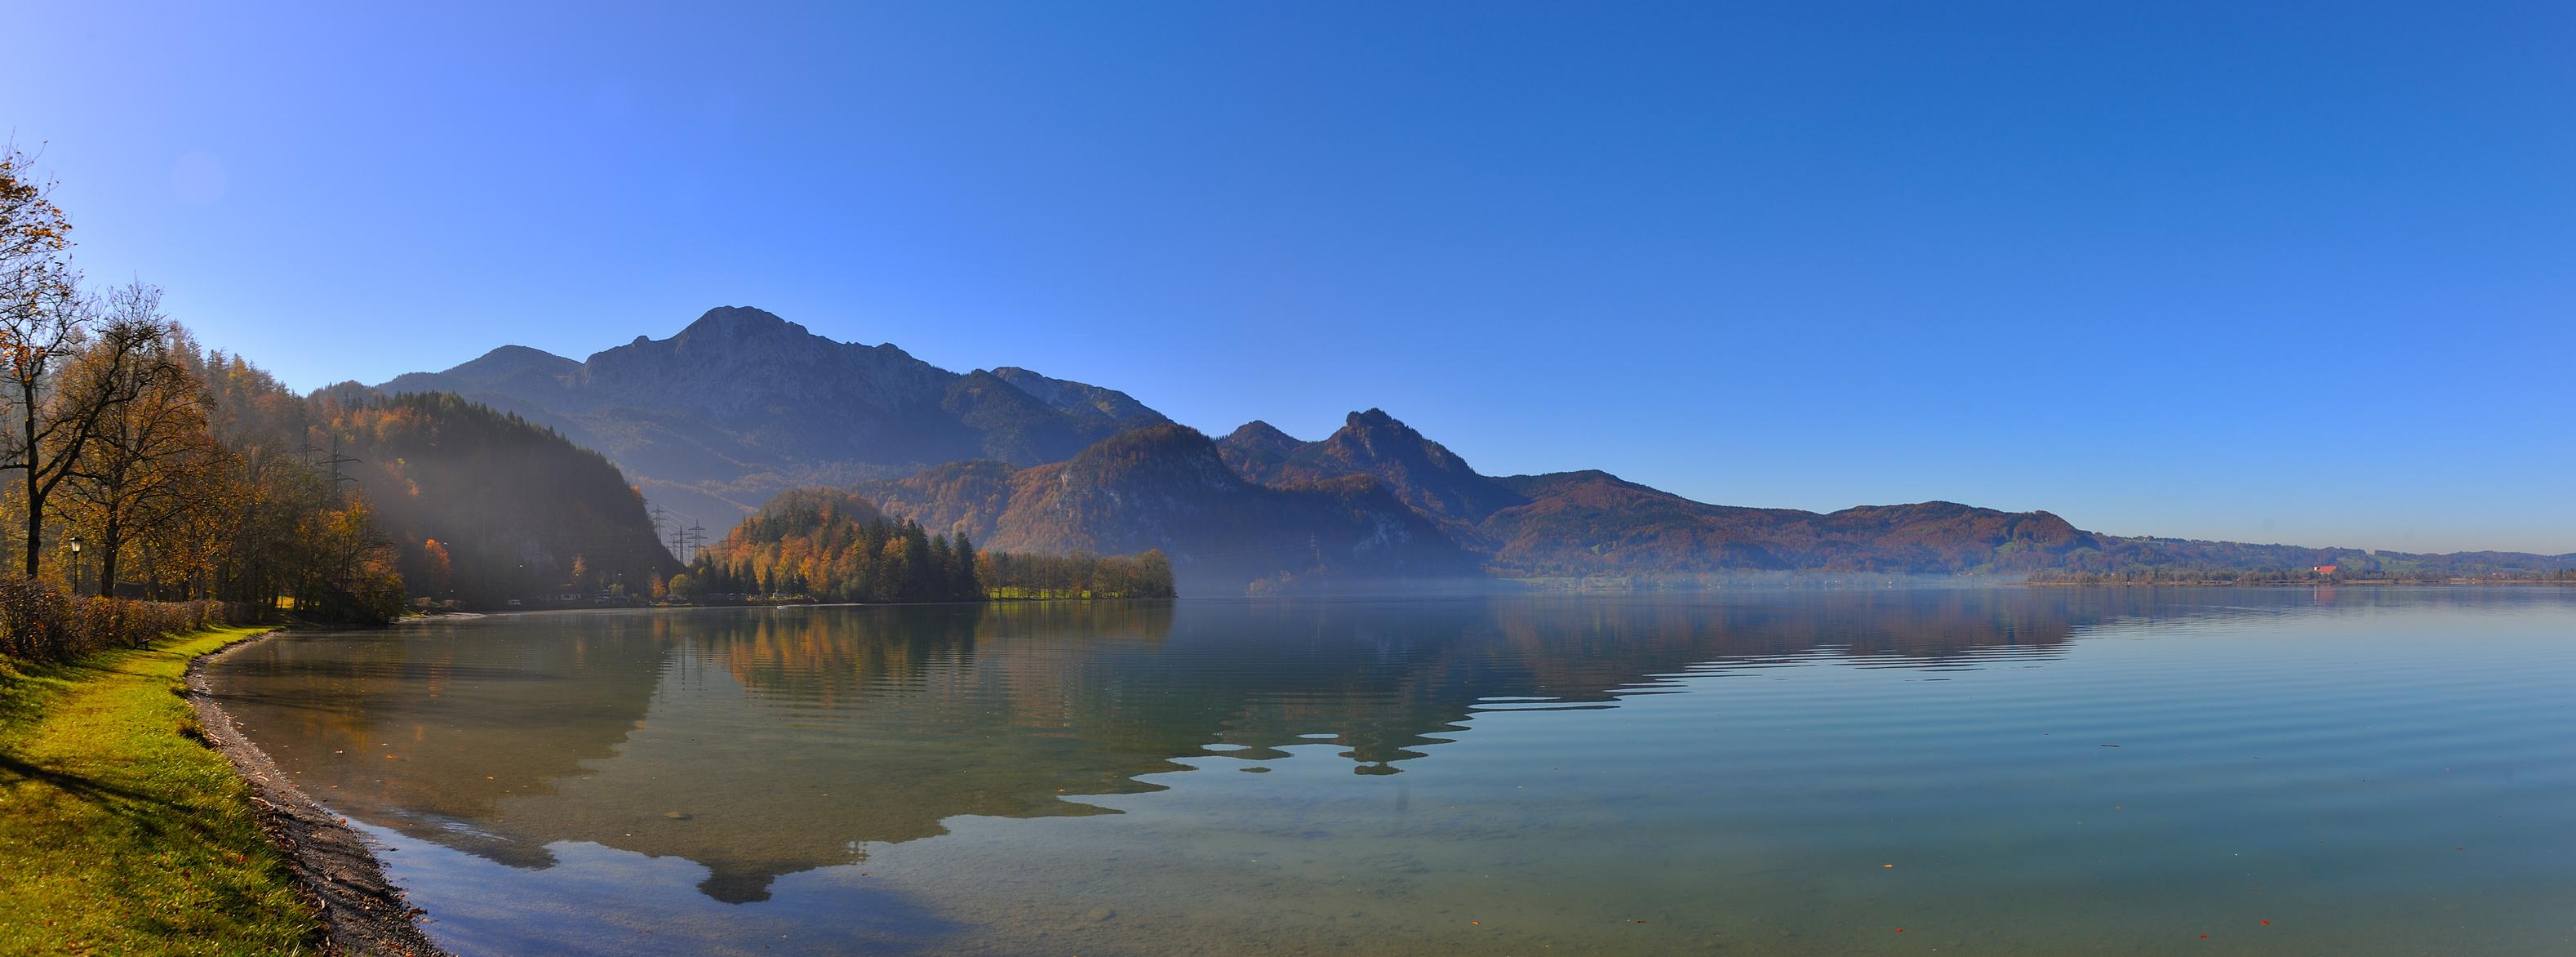 Herbstlicher Nebel über einem See